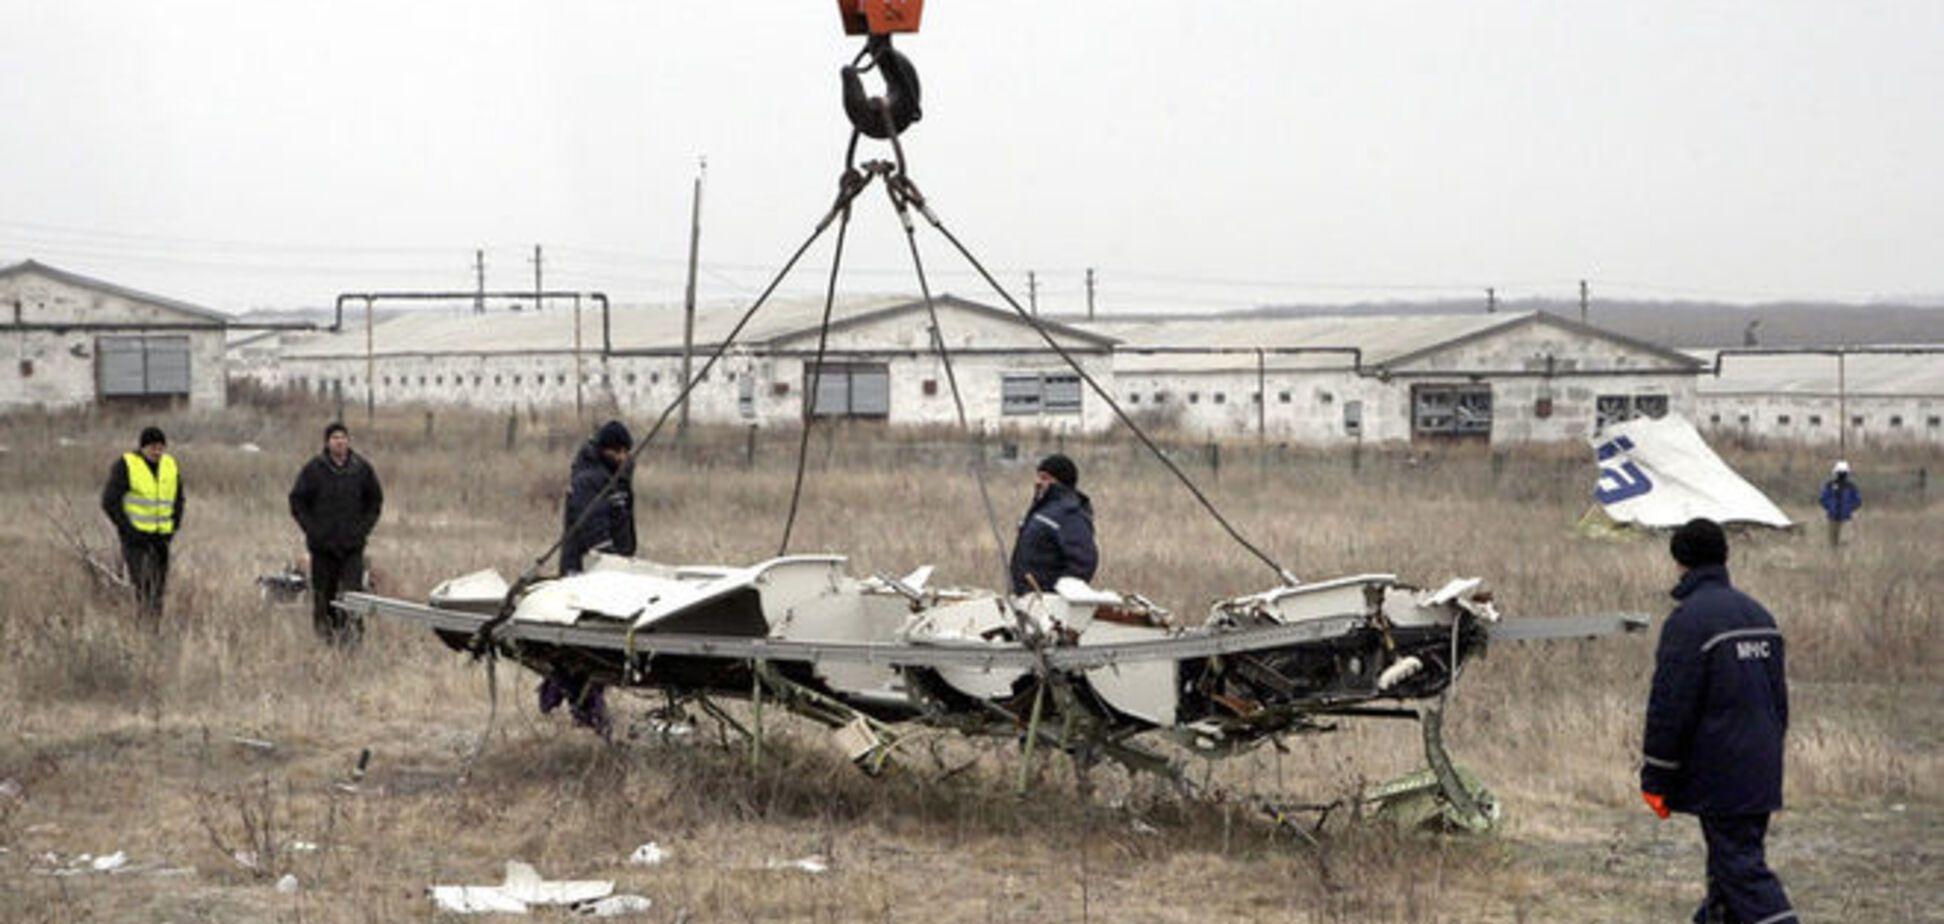 Спецслужбы не смогли удалить ролик с признанием 'LifeNews' о сбитом MH17 - журналист